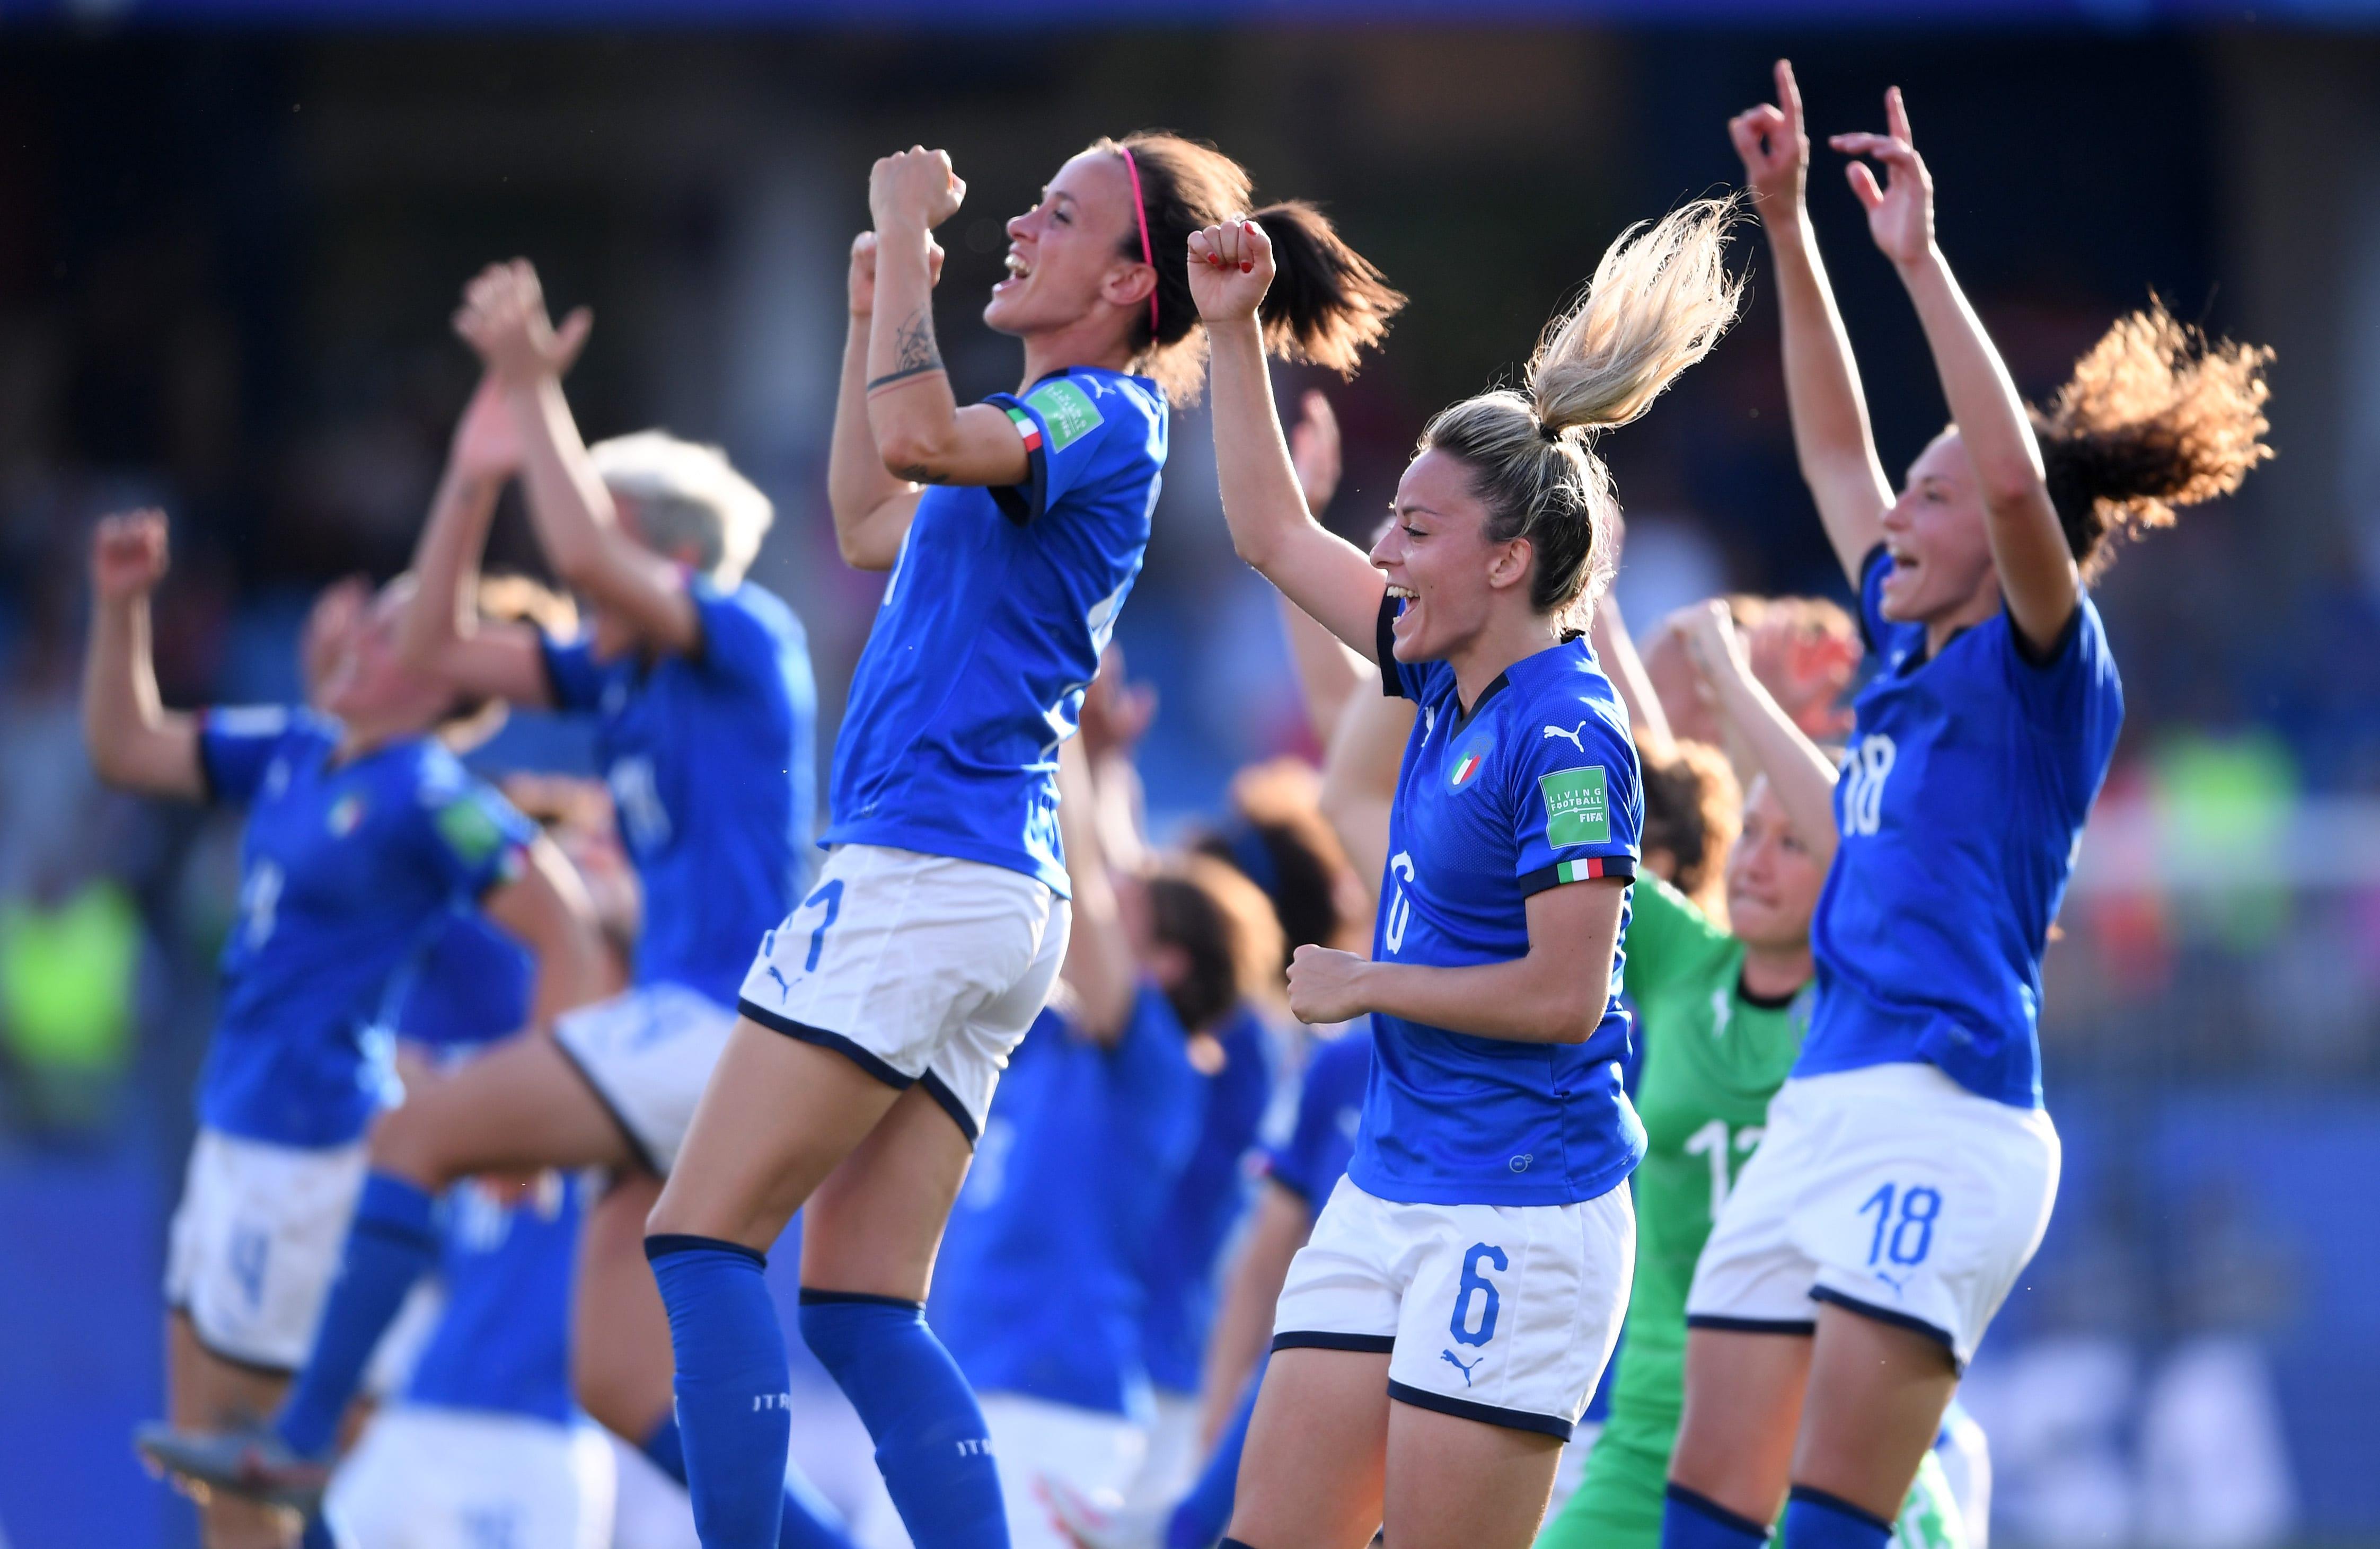 Itália x China, pela Copa do Mundo Feminina de 2019 na França.